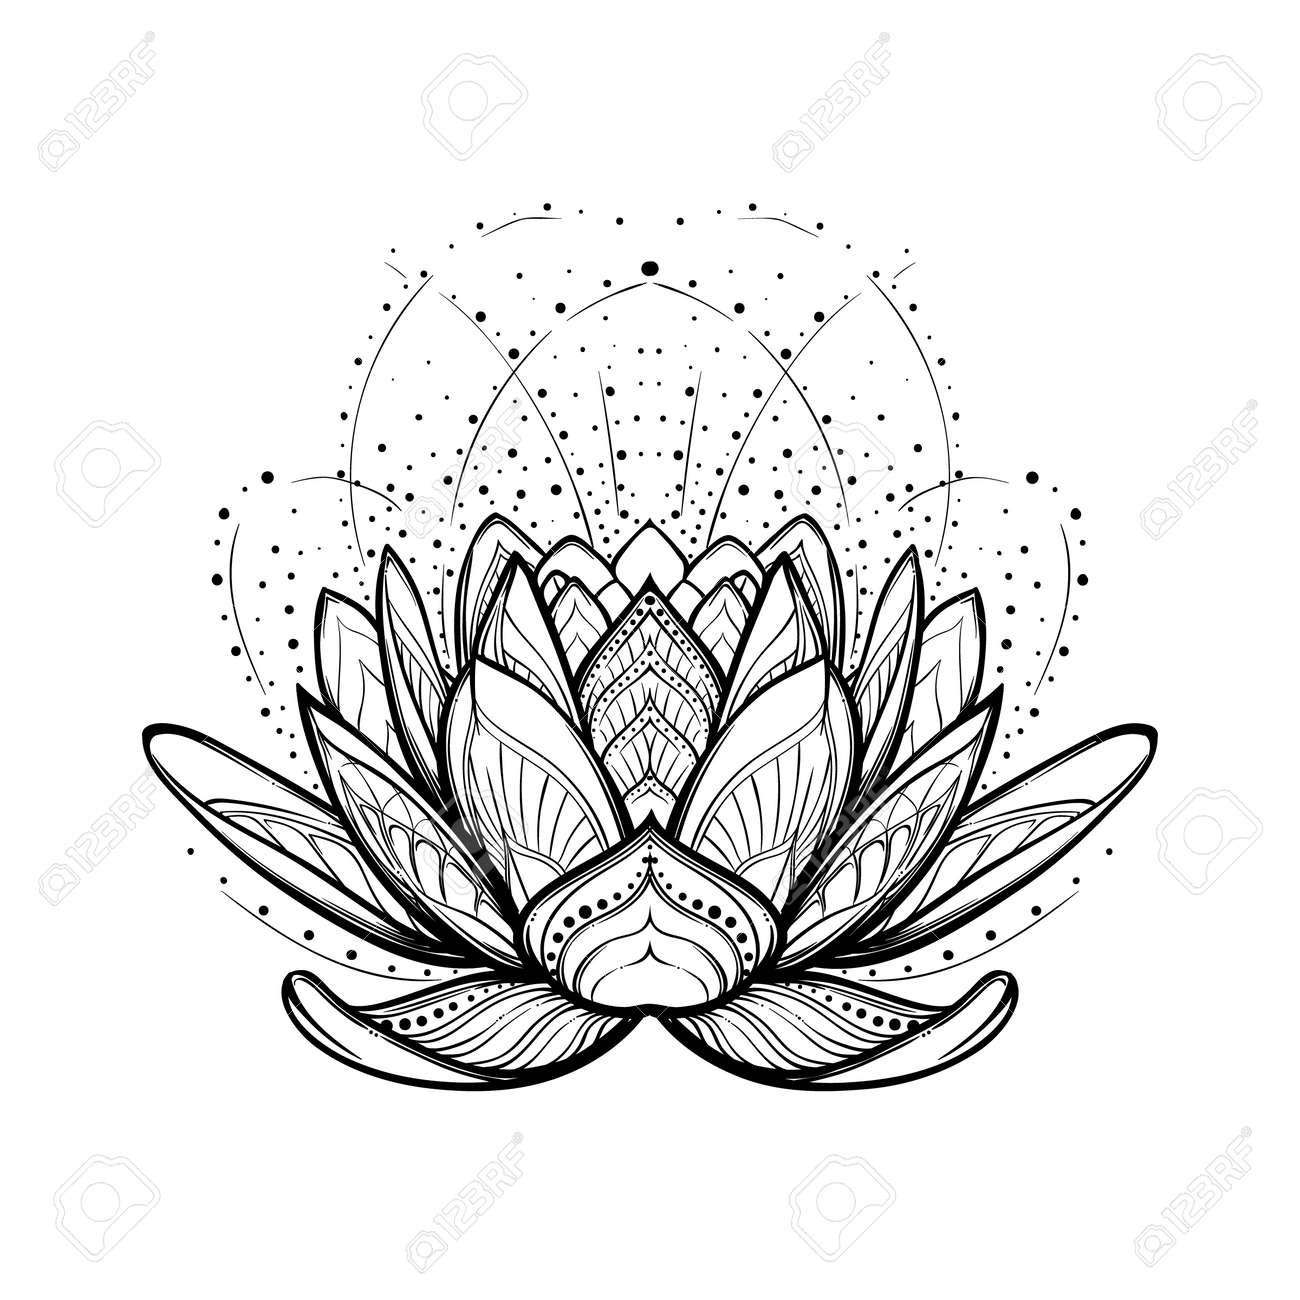 Fleur De Lotus Dessin Stylise Lineaire Complexe Isole Sur Fond